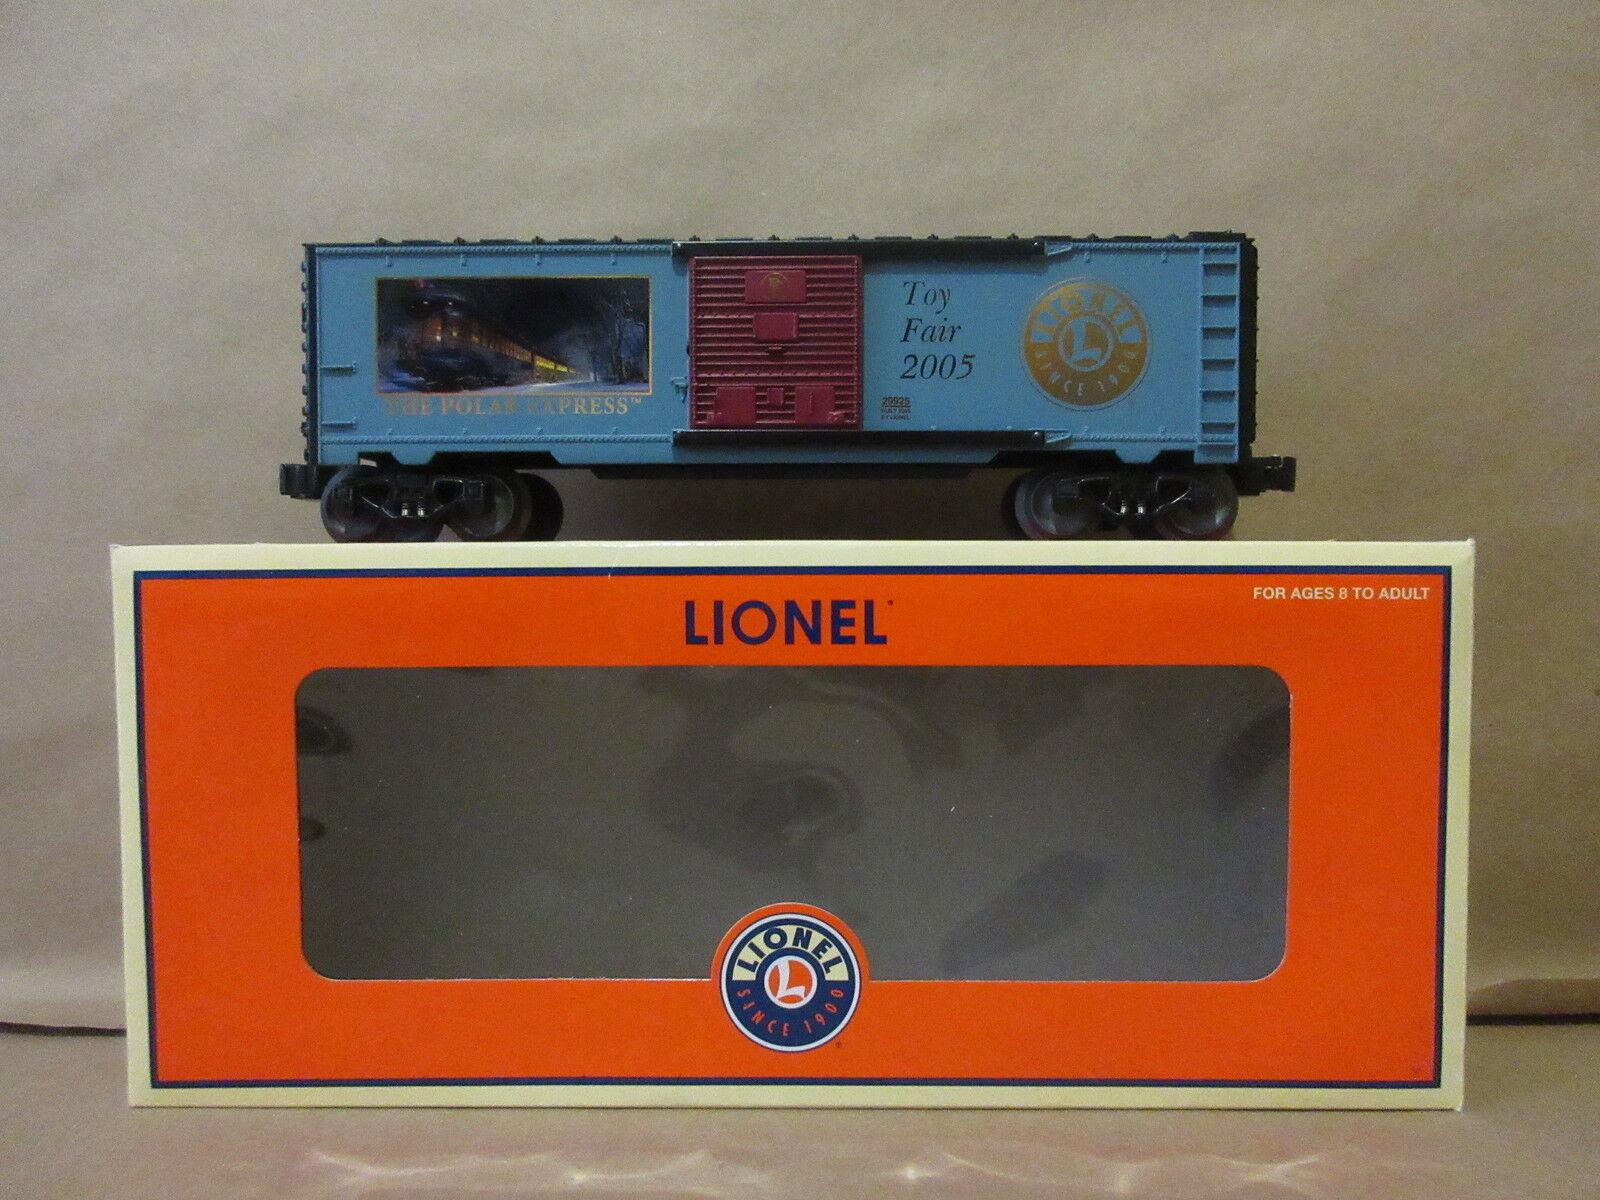 Lionel Polar Express giocattolo Fair 2005 2005 2005 scatolaauto 6-29925 O-Scale Train e69f52